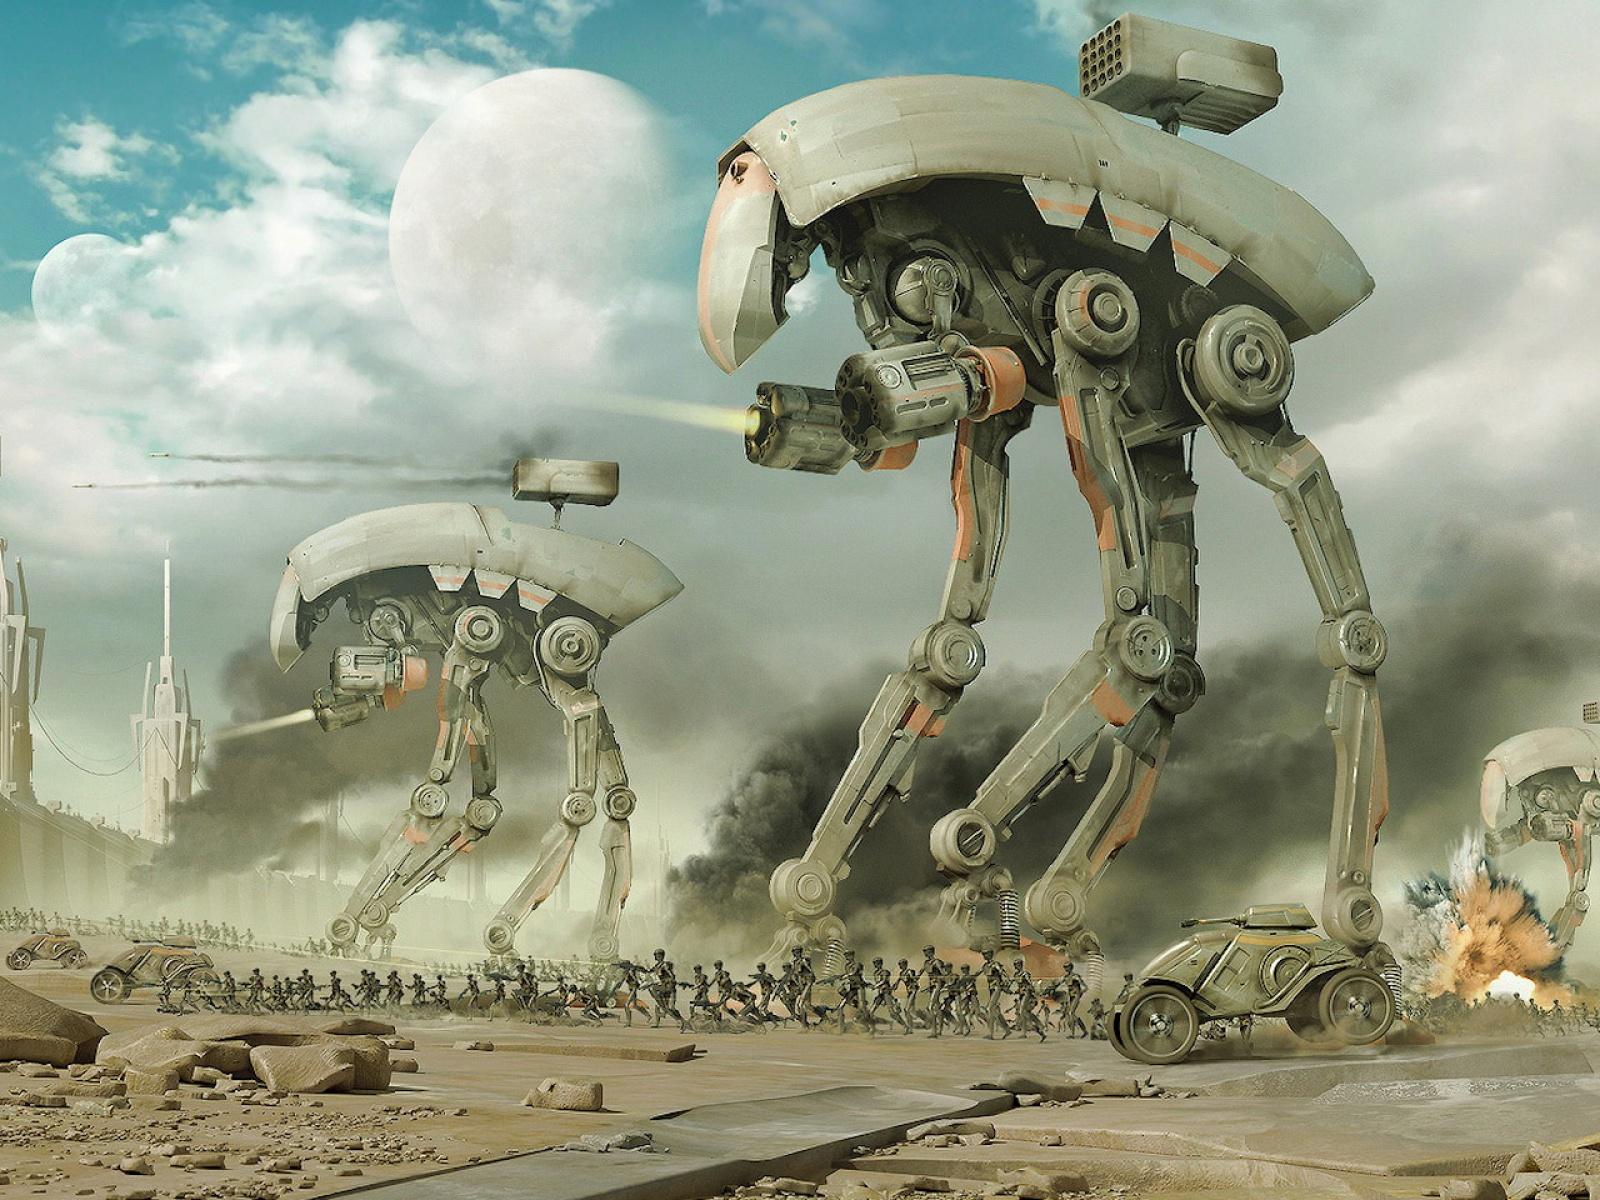 Fond d'ecran Guerre de Robots - Wallpaper